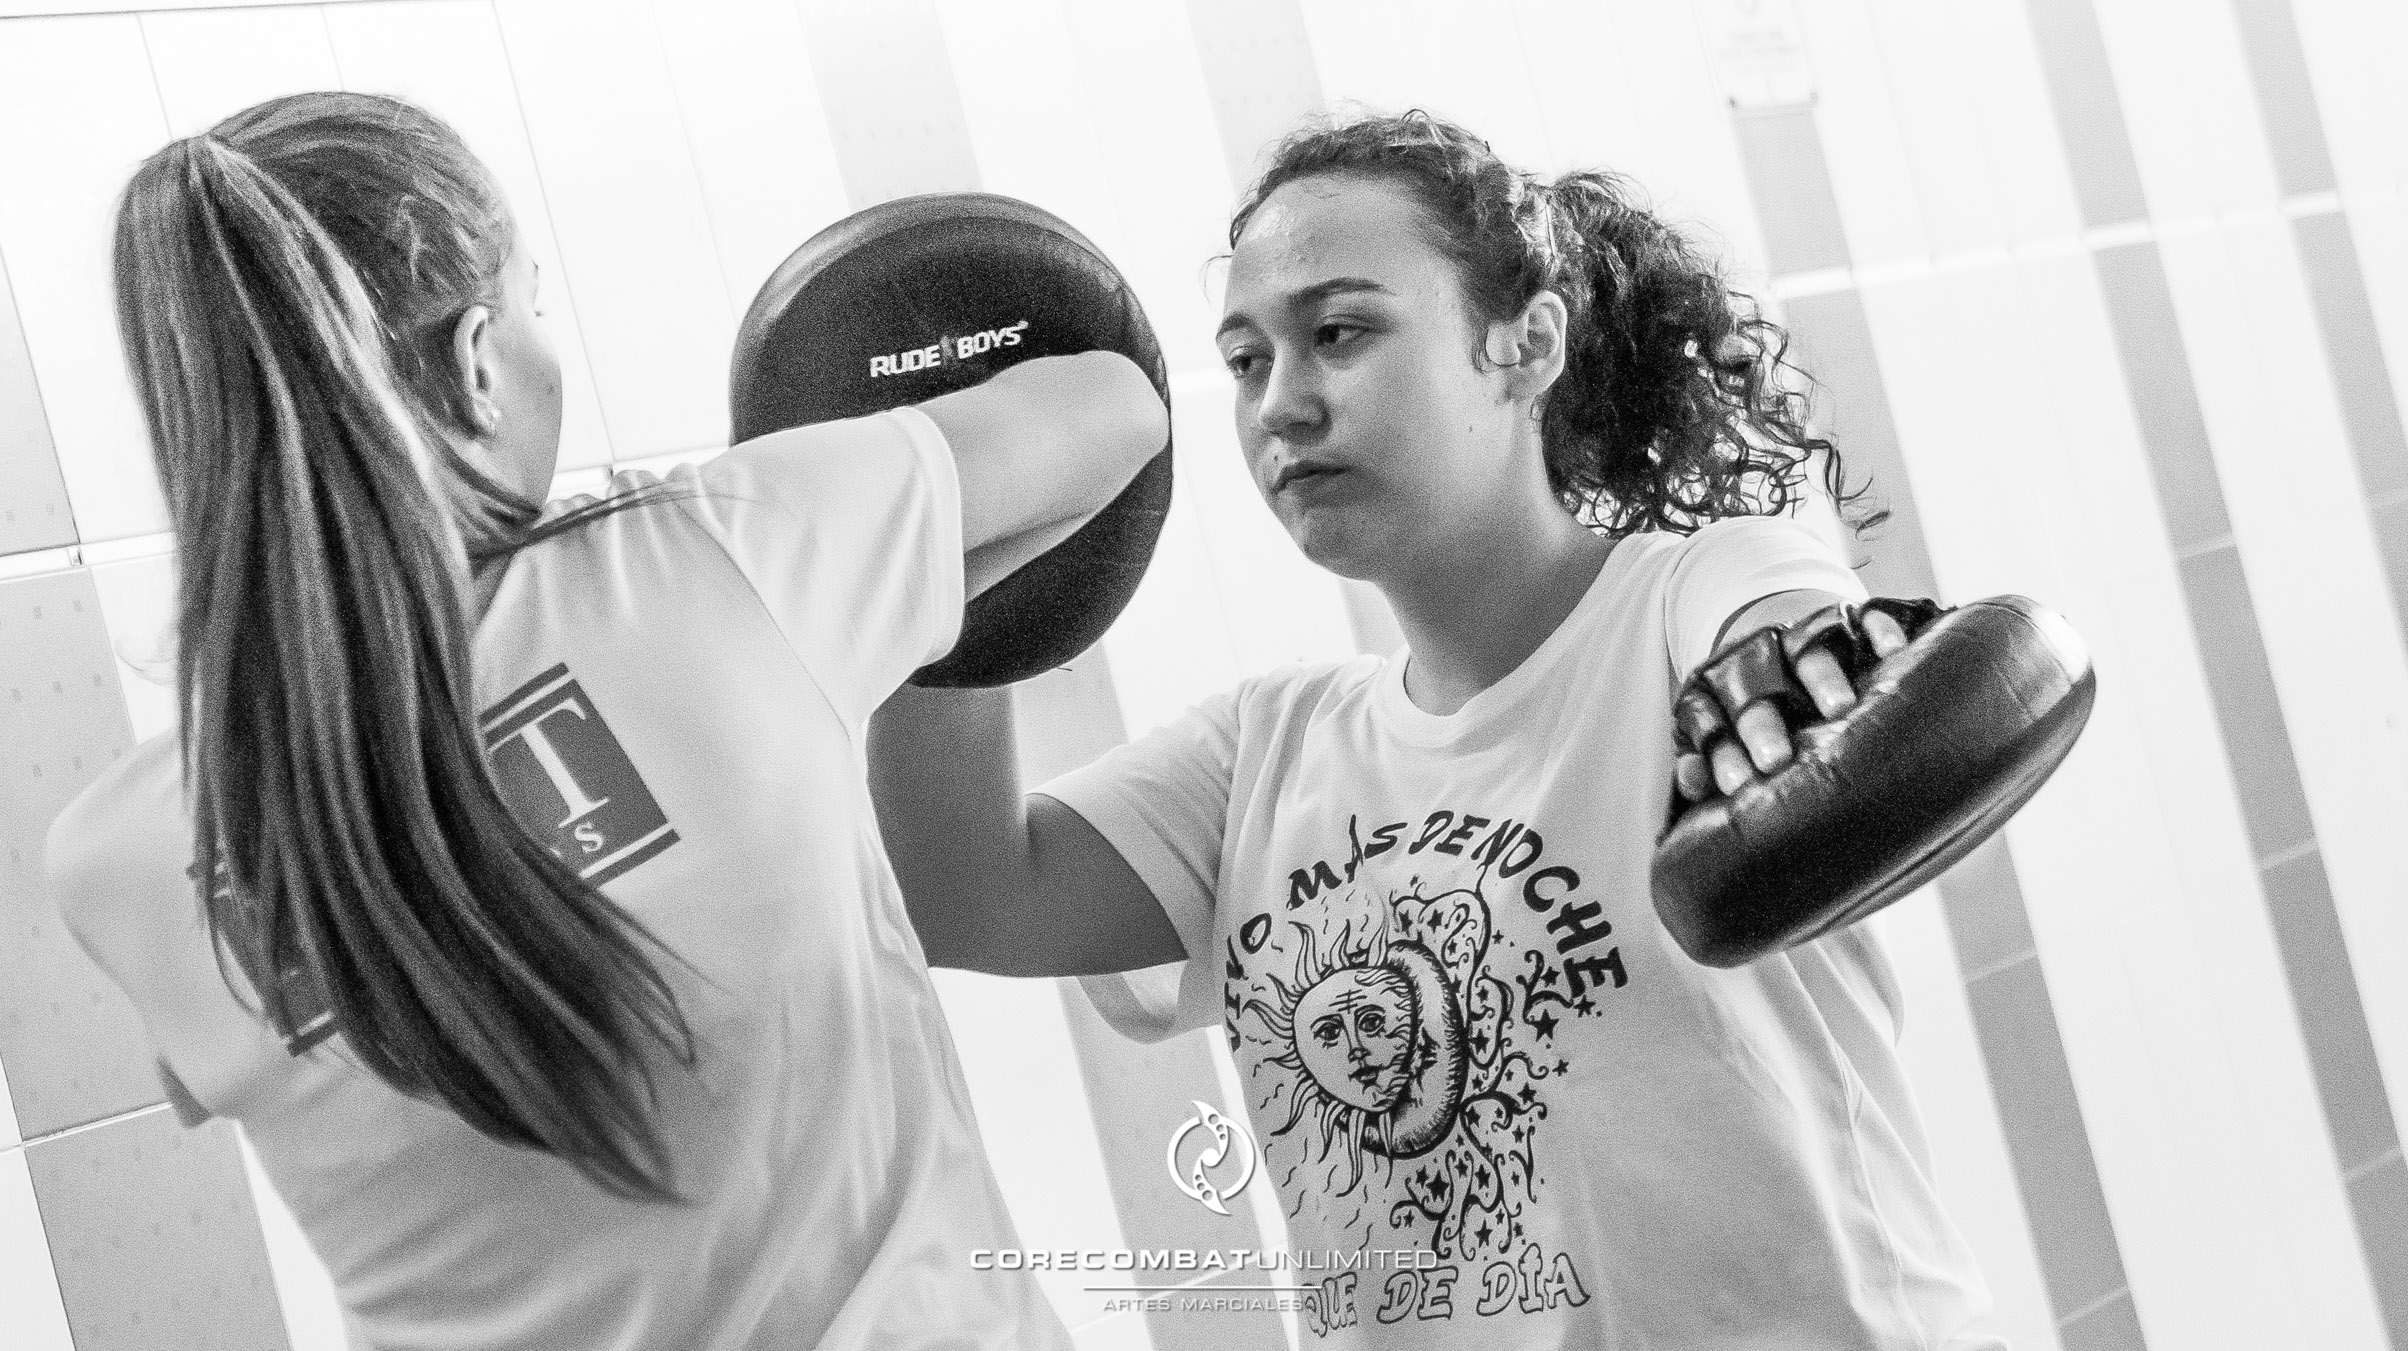 curso-defensa-personal-para-mujeres-zamora-coreses-artes-marciales-zamora-core-combat-salamanca-valladolid-leon-madrid-27